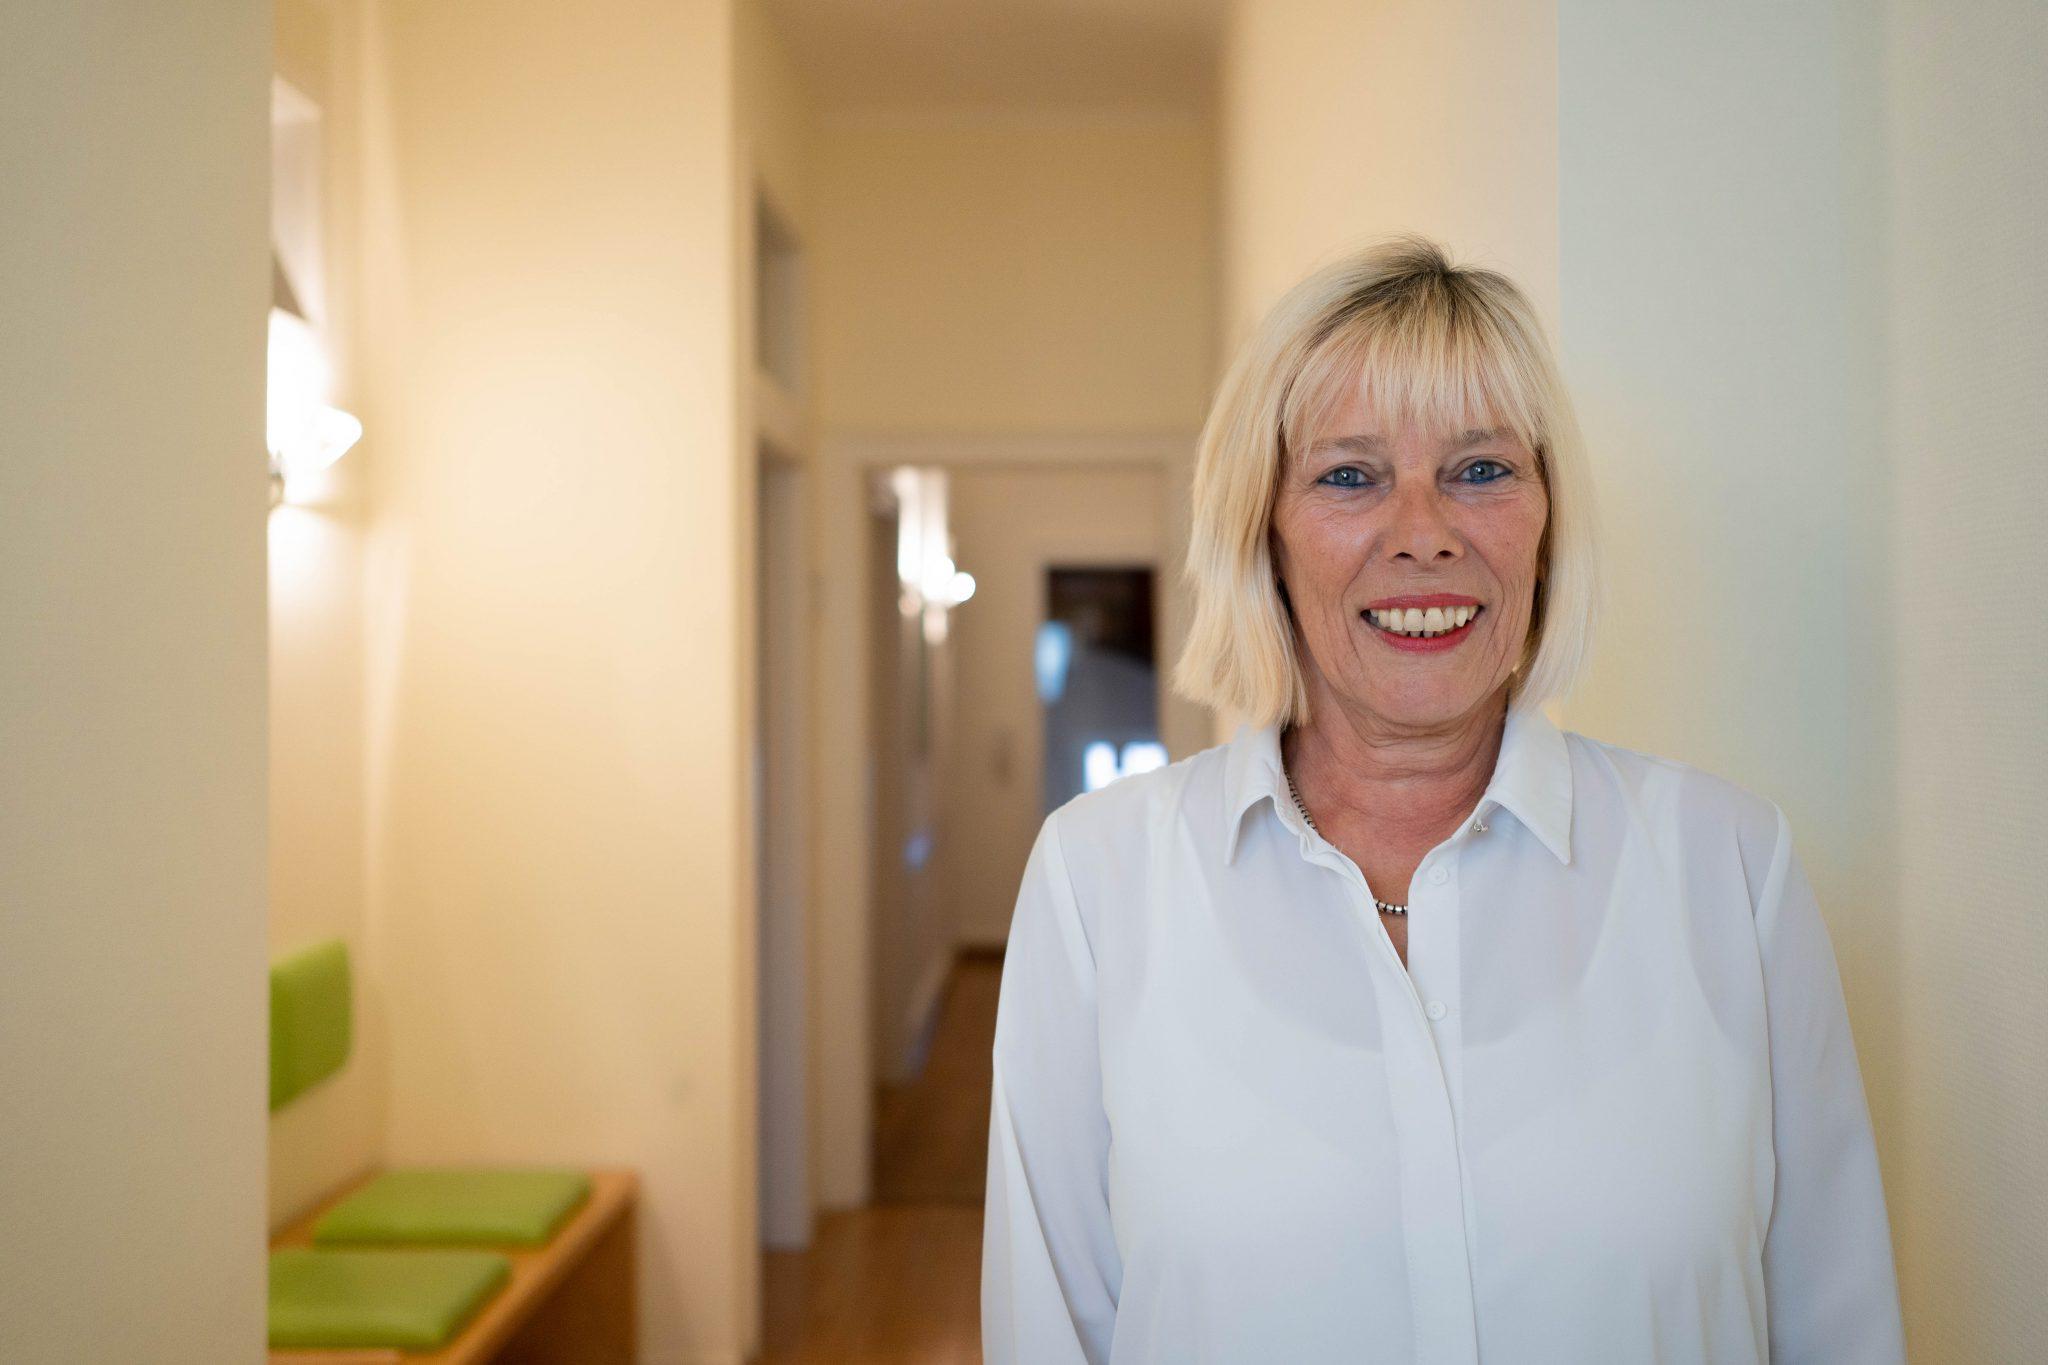 Sabine Karge Portrait Karlsruhe Privatpraxis Dr. König